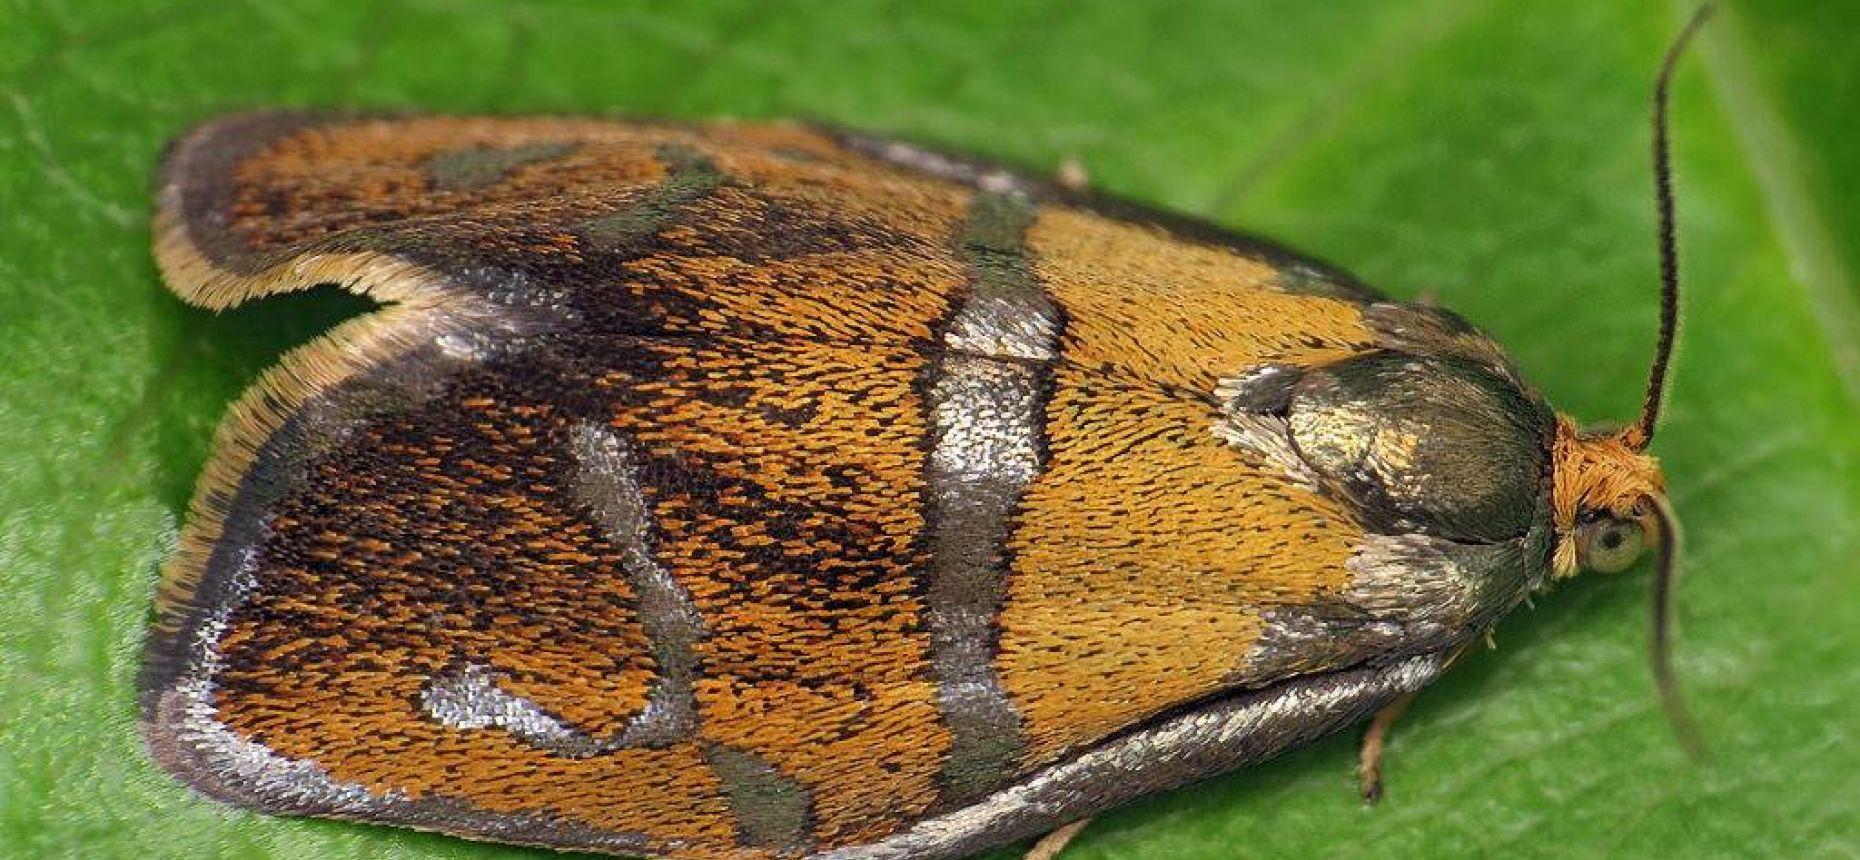 Свинцовополосая листовертка - Ptycholoma lecheana (L.)